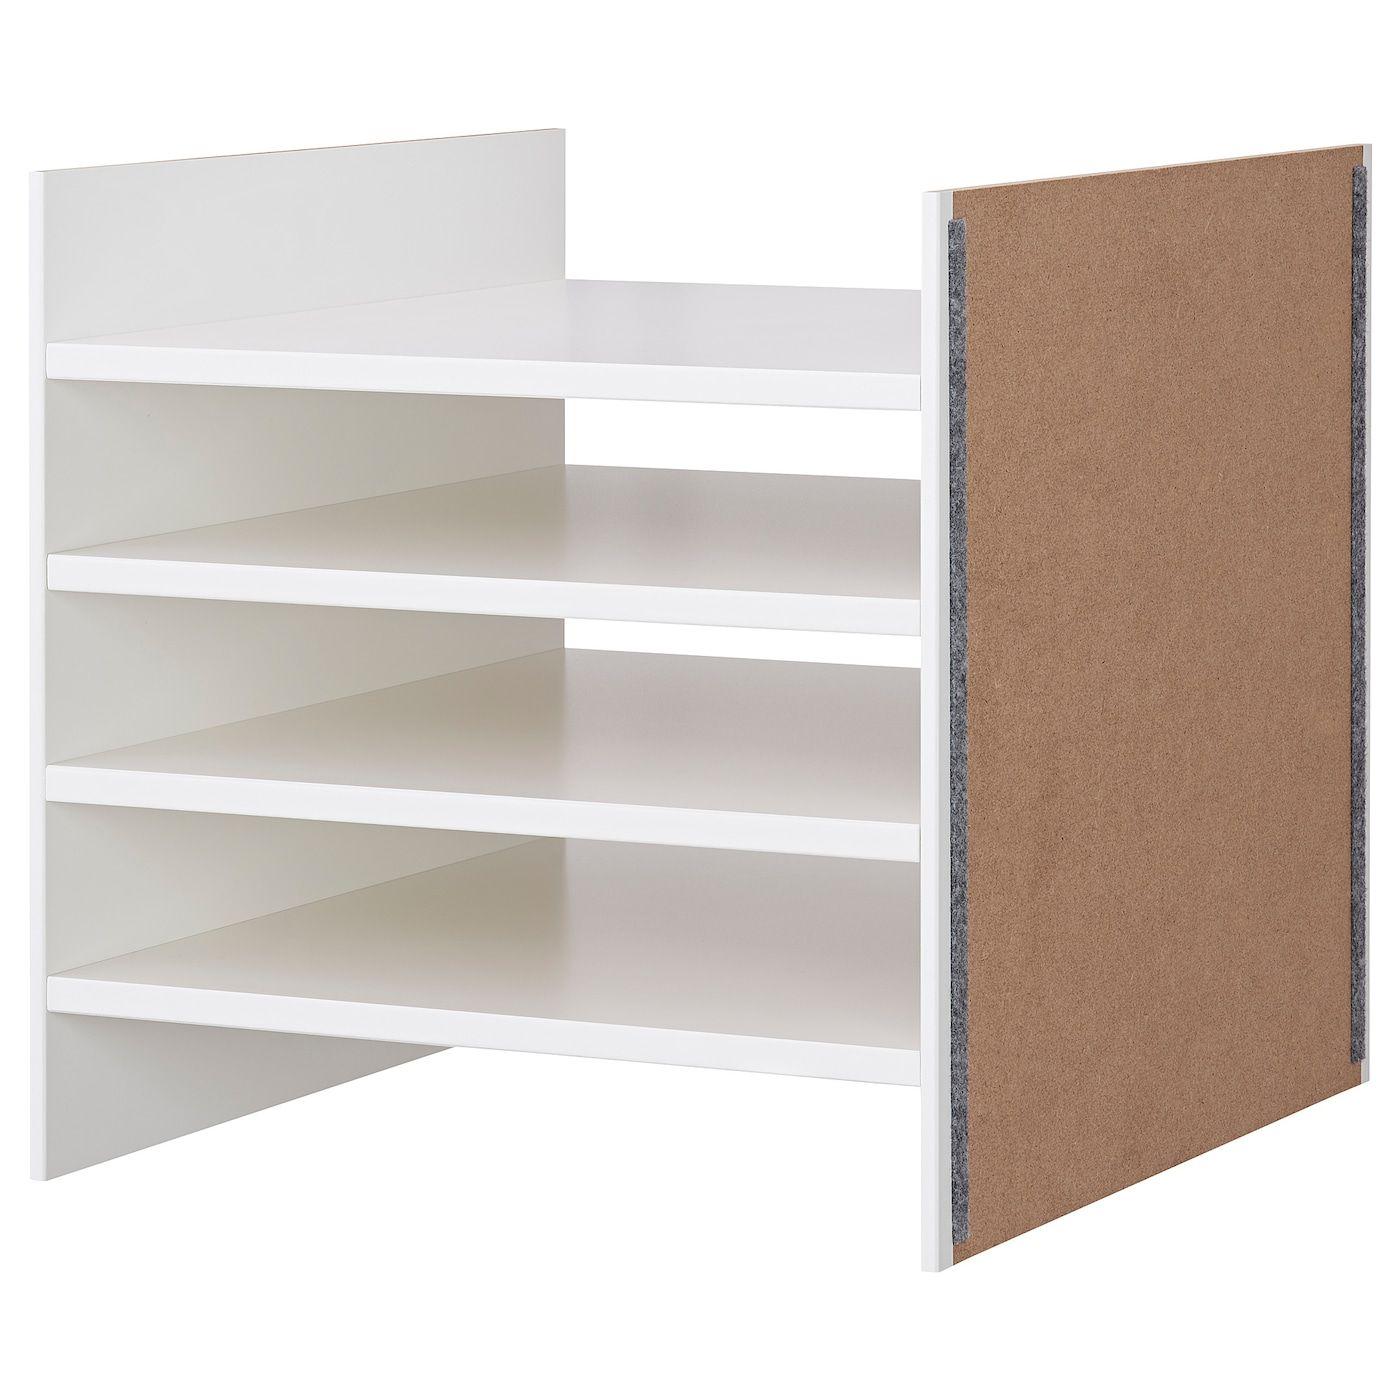 winkel bestsellers aantrekkelijke prijs laatste stijl KALLAX Inzet met 4 planken - wit - Kallax, Plank en Ikea